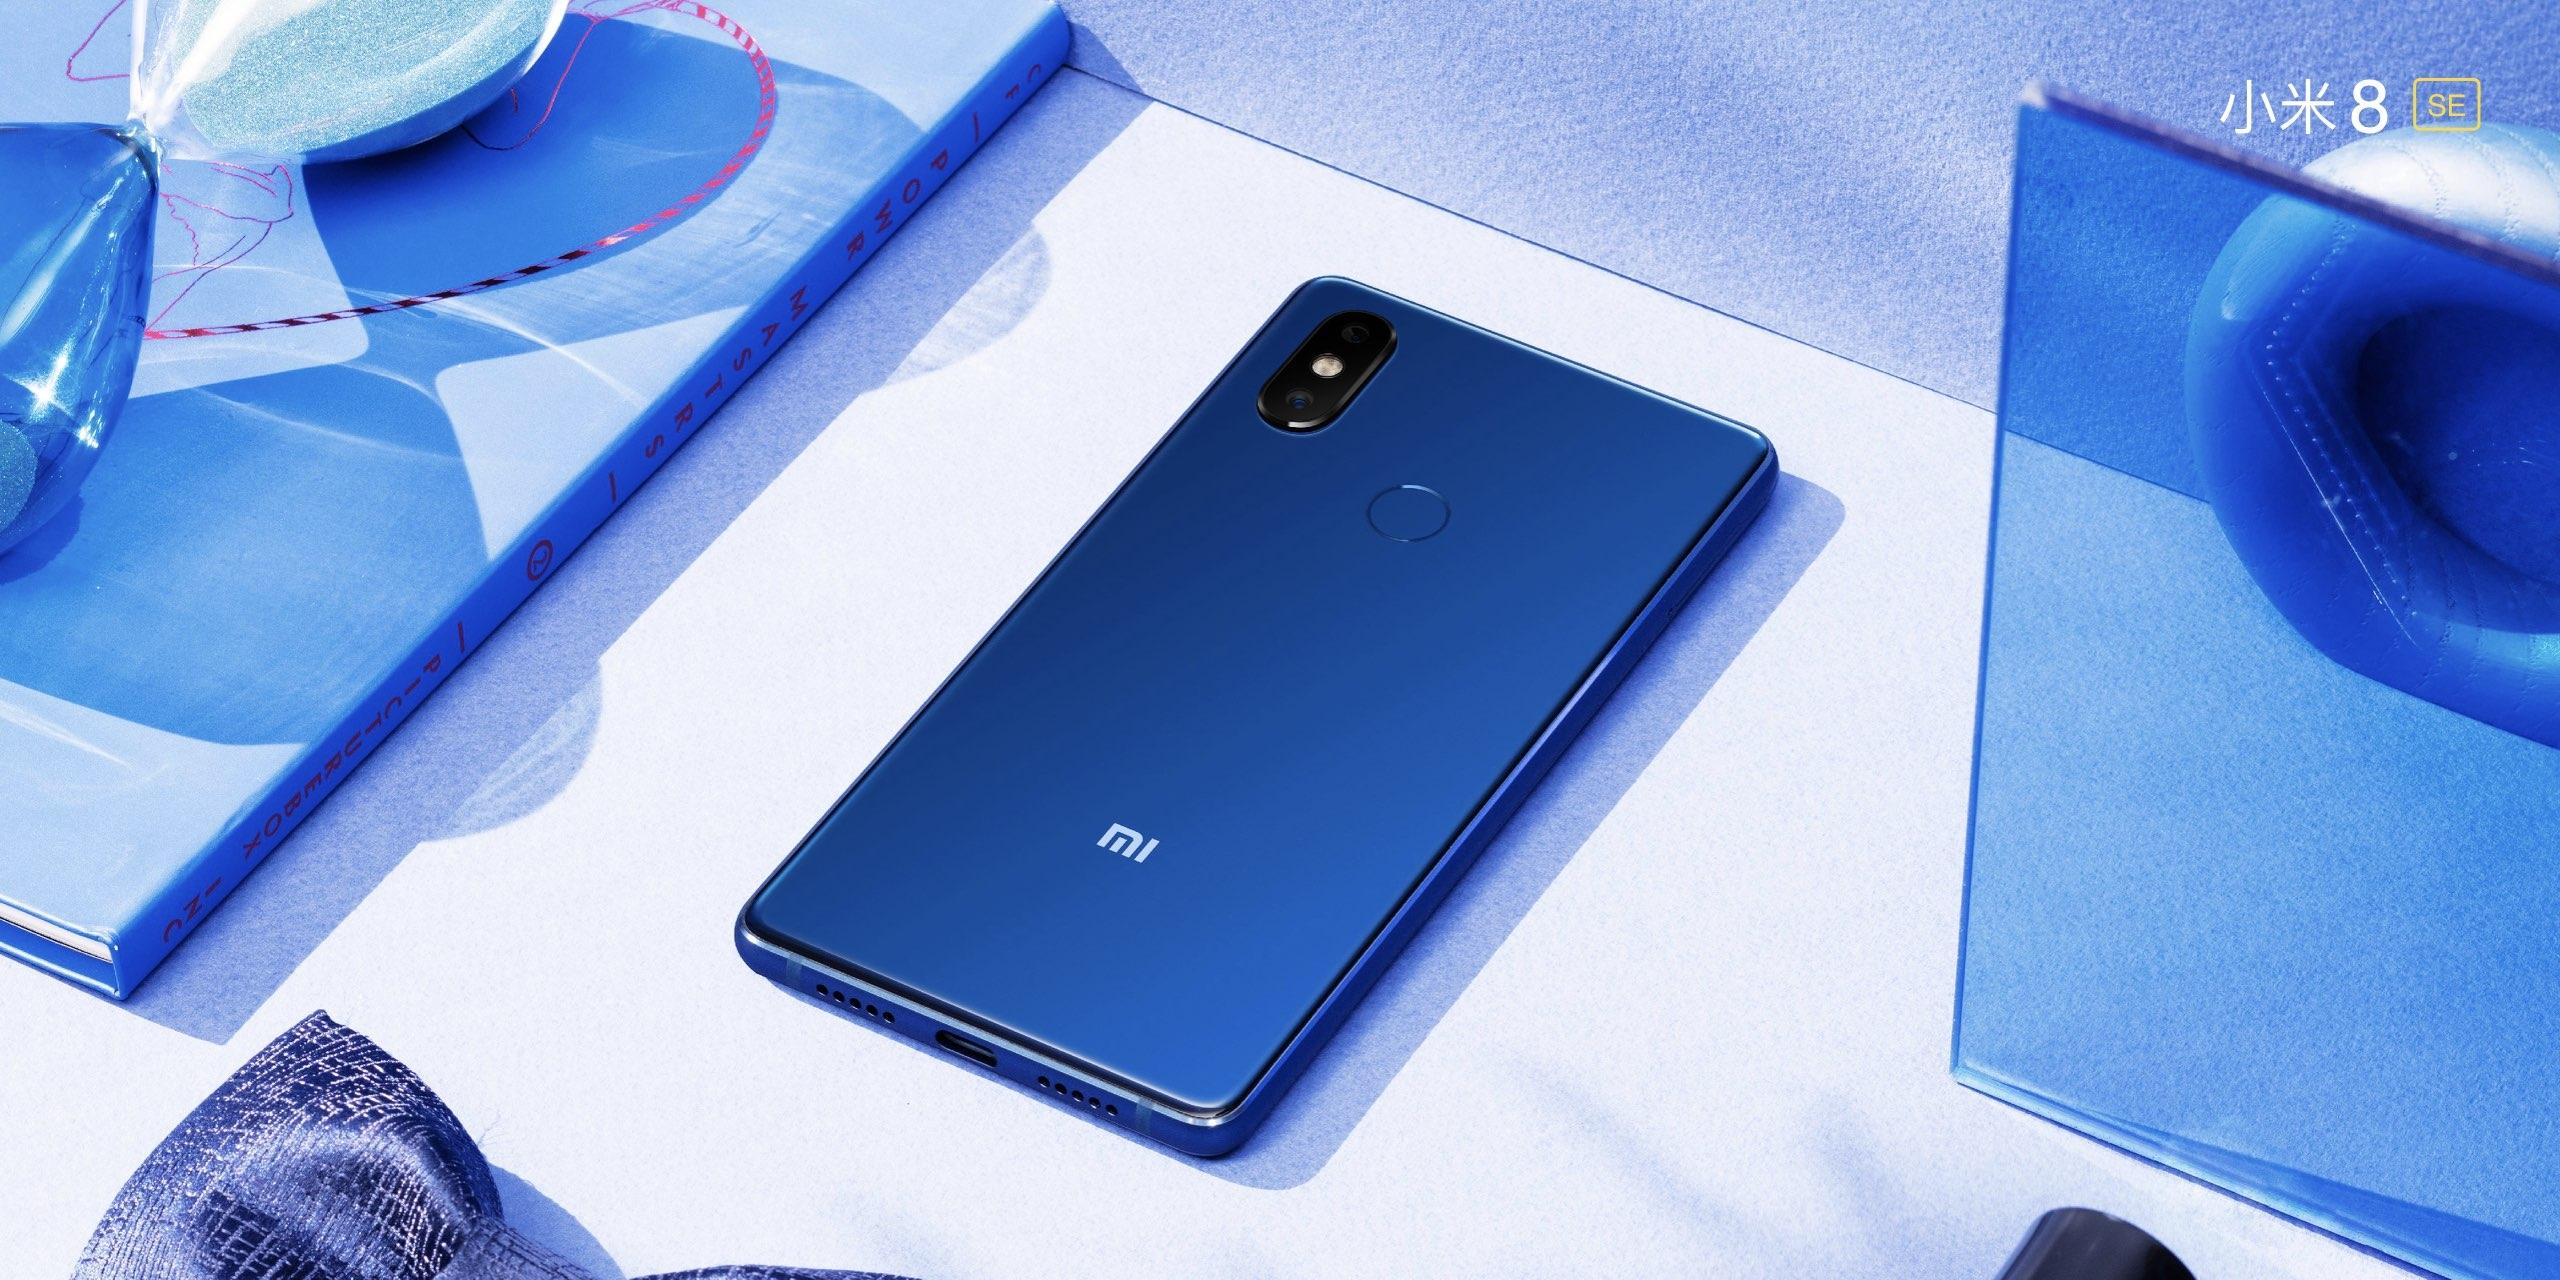 Xiaomi dévoile le Mi 8 SE : plus petit, moins puissant mais très intéressant